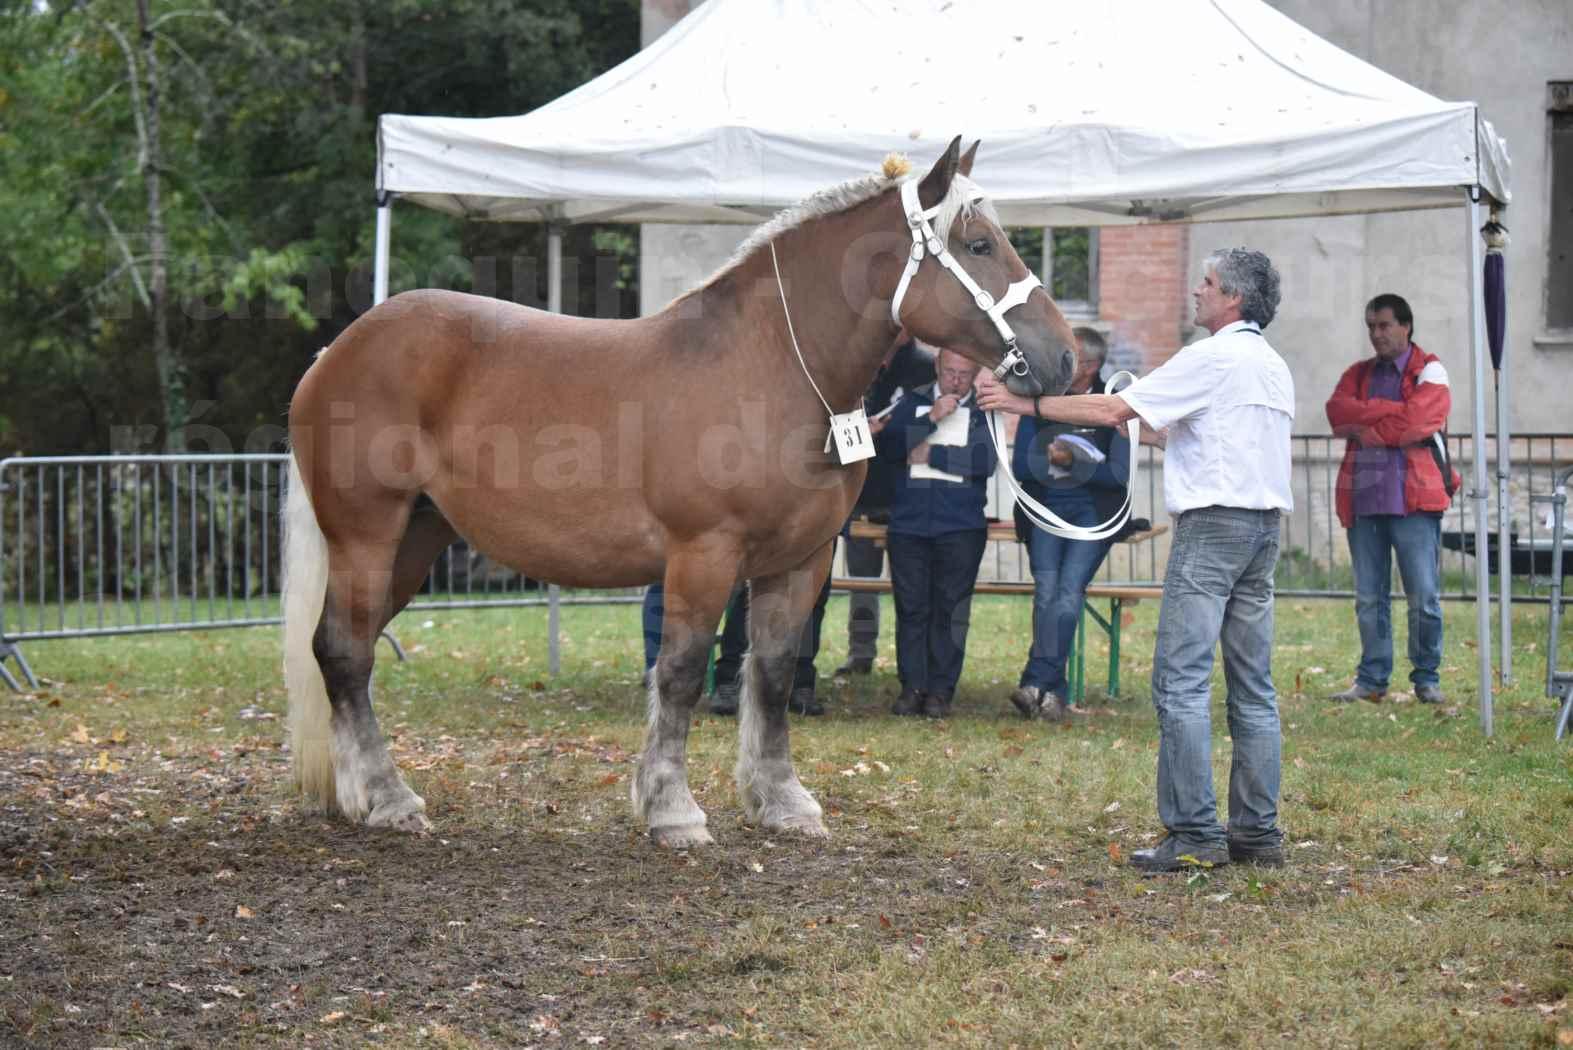 Concours Régional de chevaux de traits en 2017 - Trait COMTOIS - ETAMINE DES MONTANTS - 18